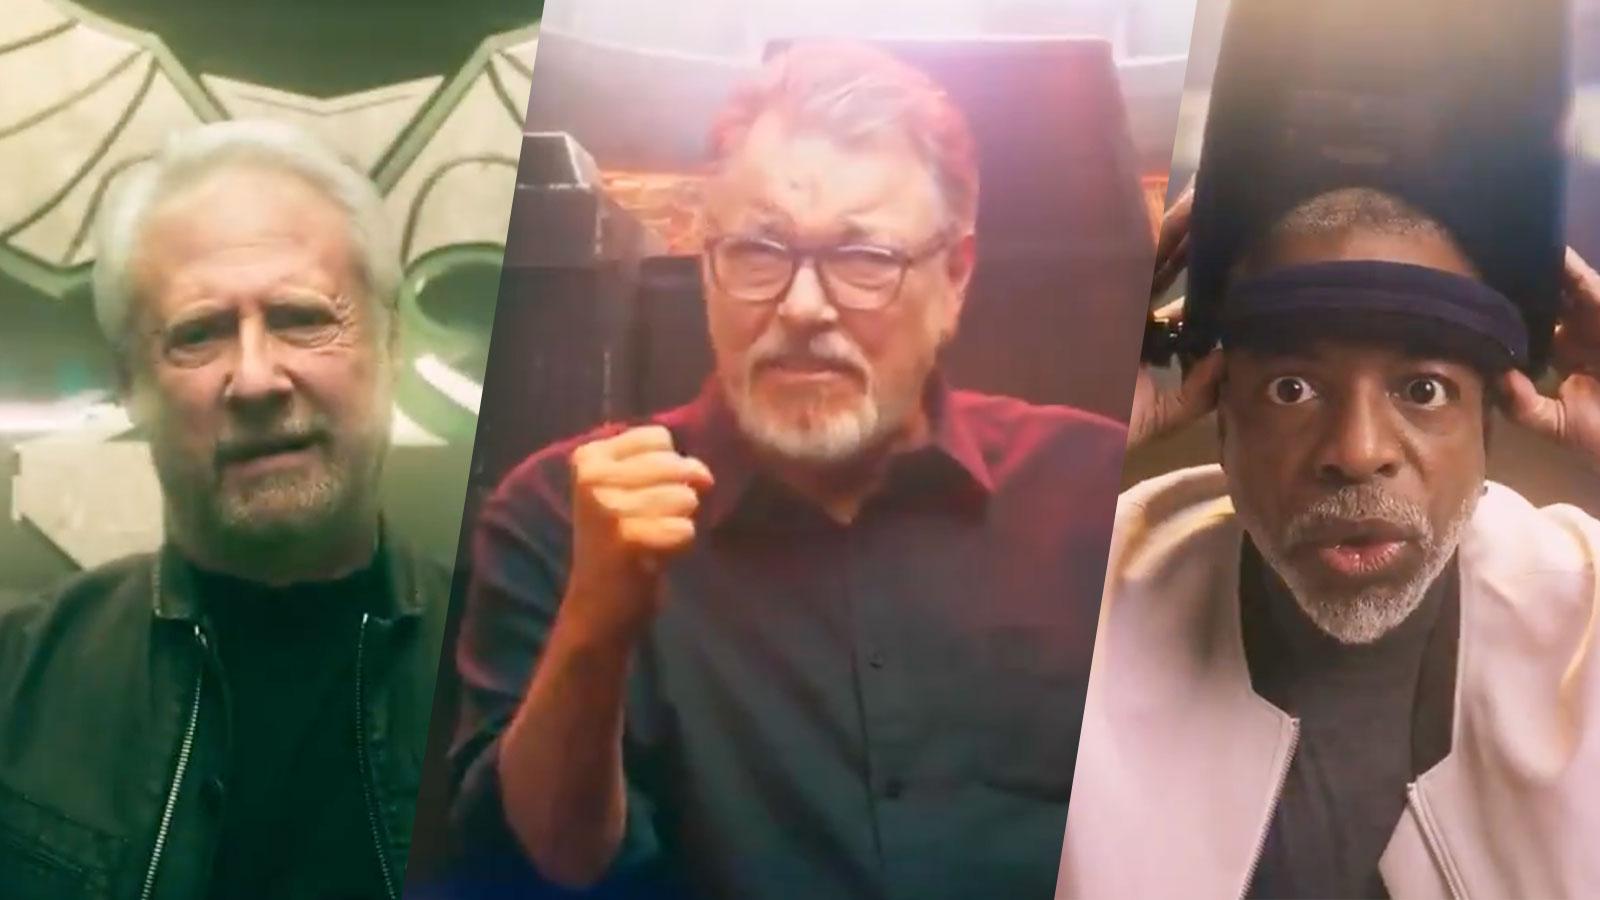 Star Trek: TNG Cast Members Jonathan Frakes, LeVar Burton & Brent Spiner Reunited For Star Trek Fleet Command Video